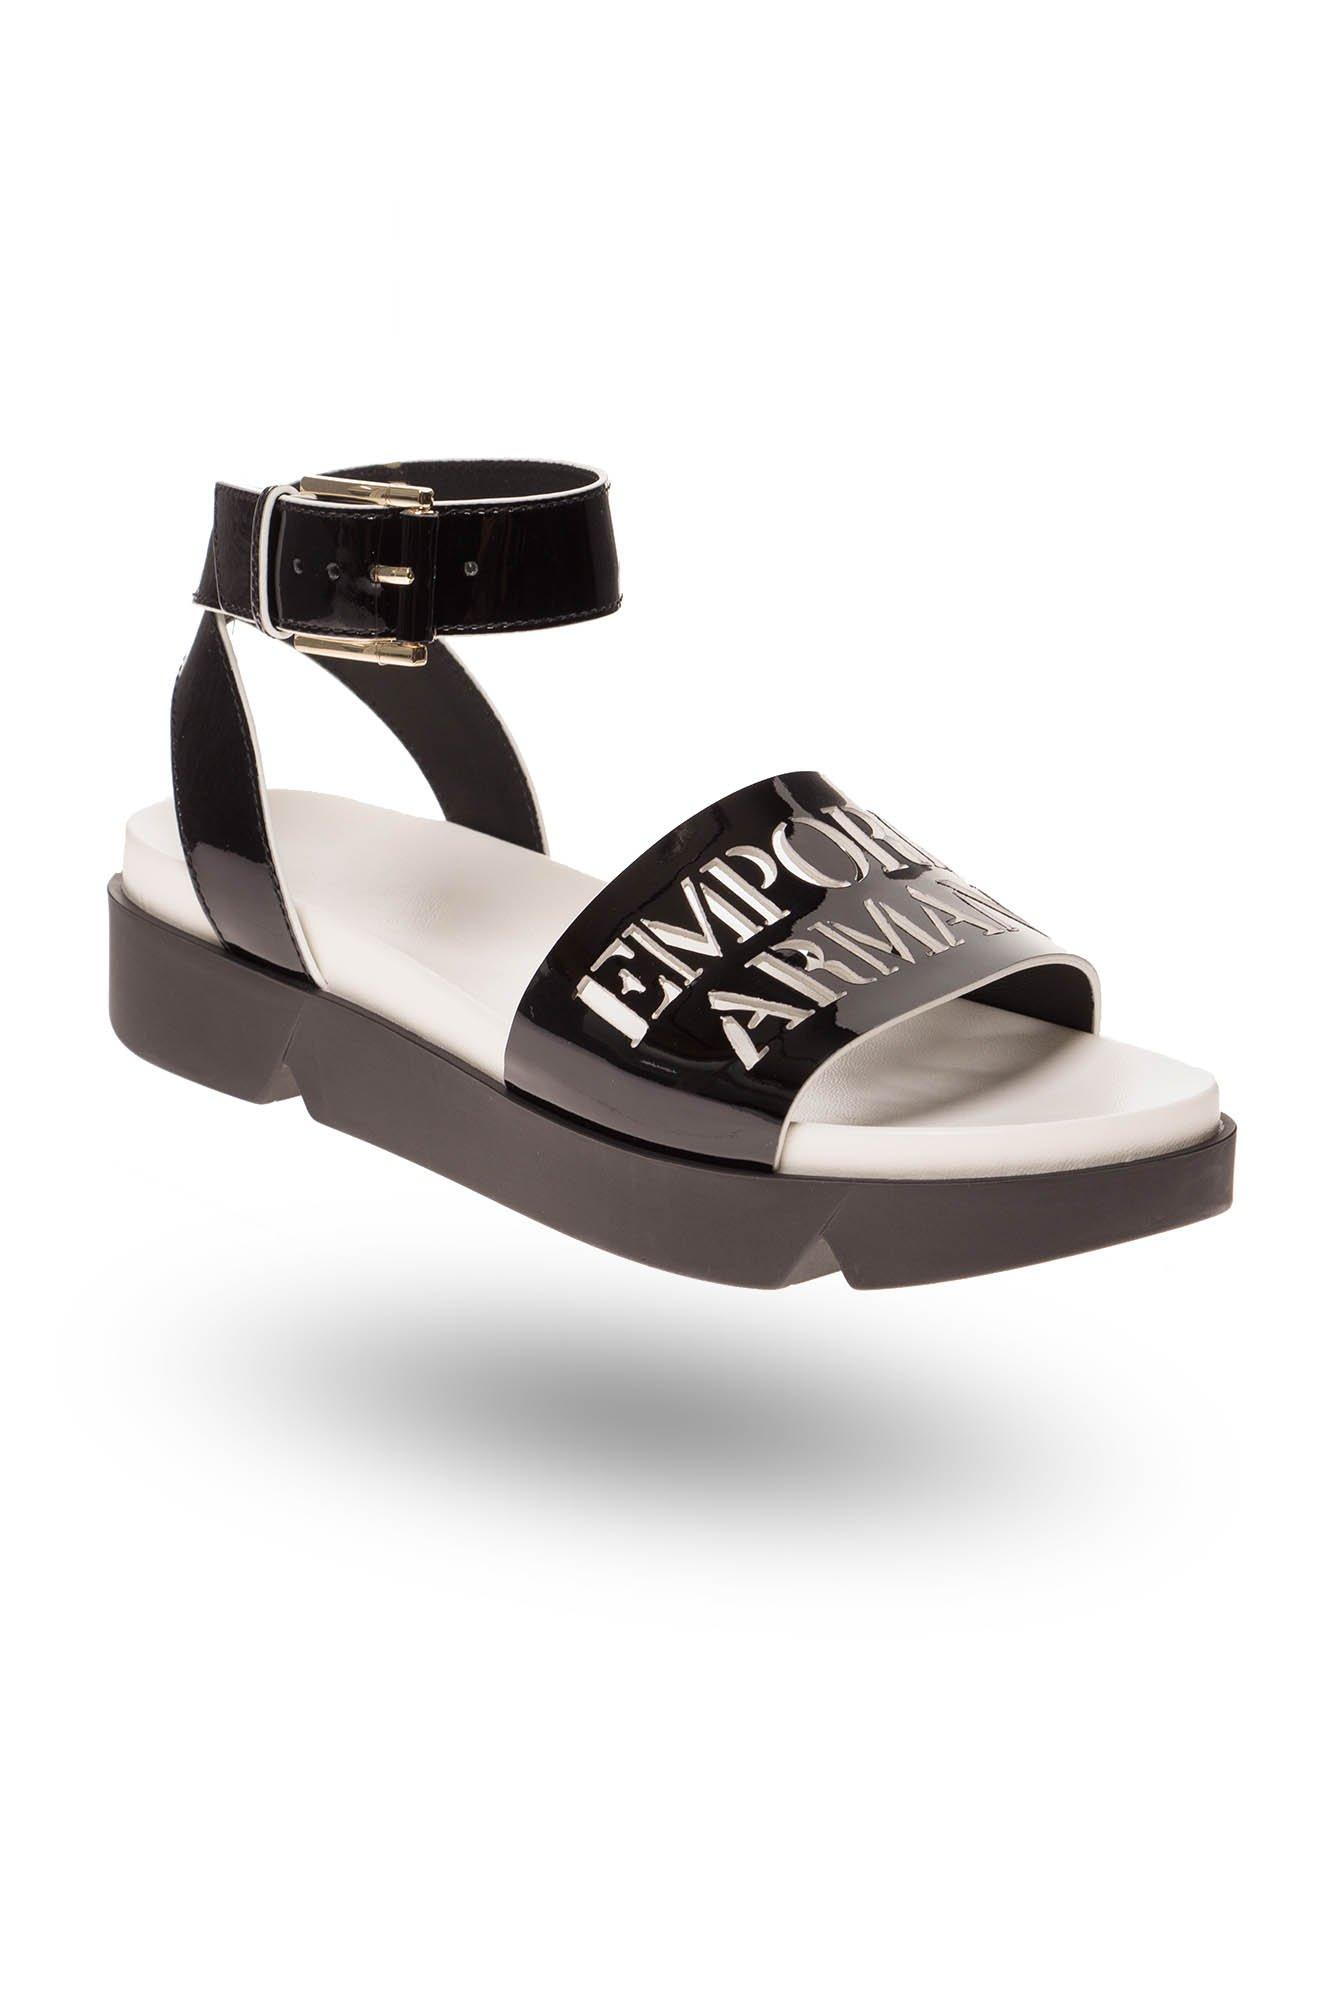 064ddb59be0ad Czarne lakierowane sandały damskie z dużą sprzączką | Markowa odzież ...